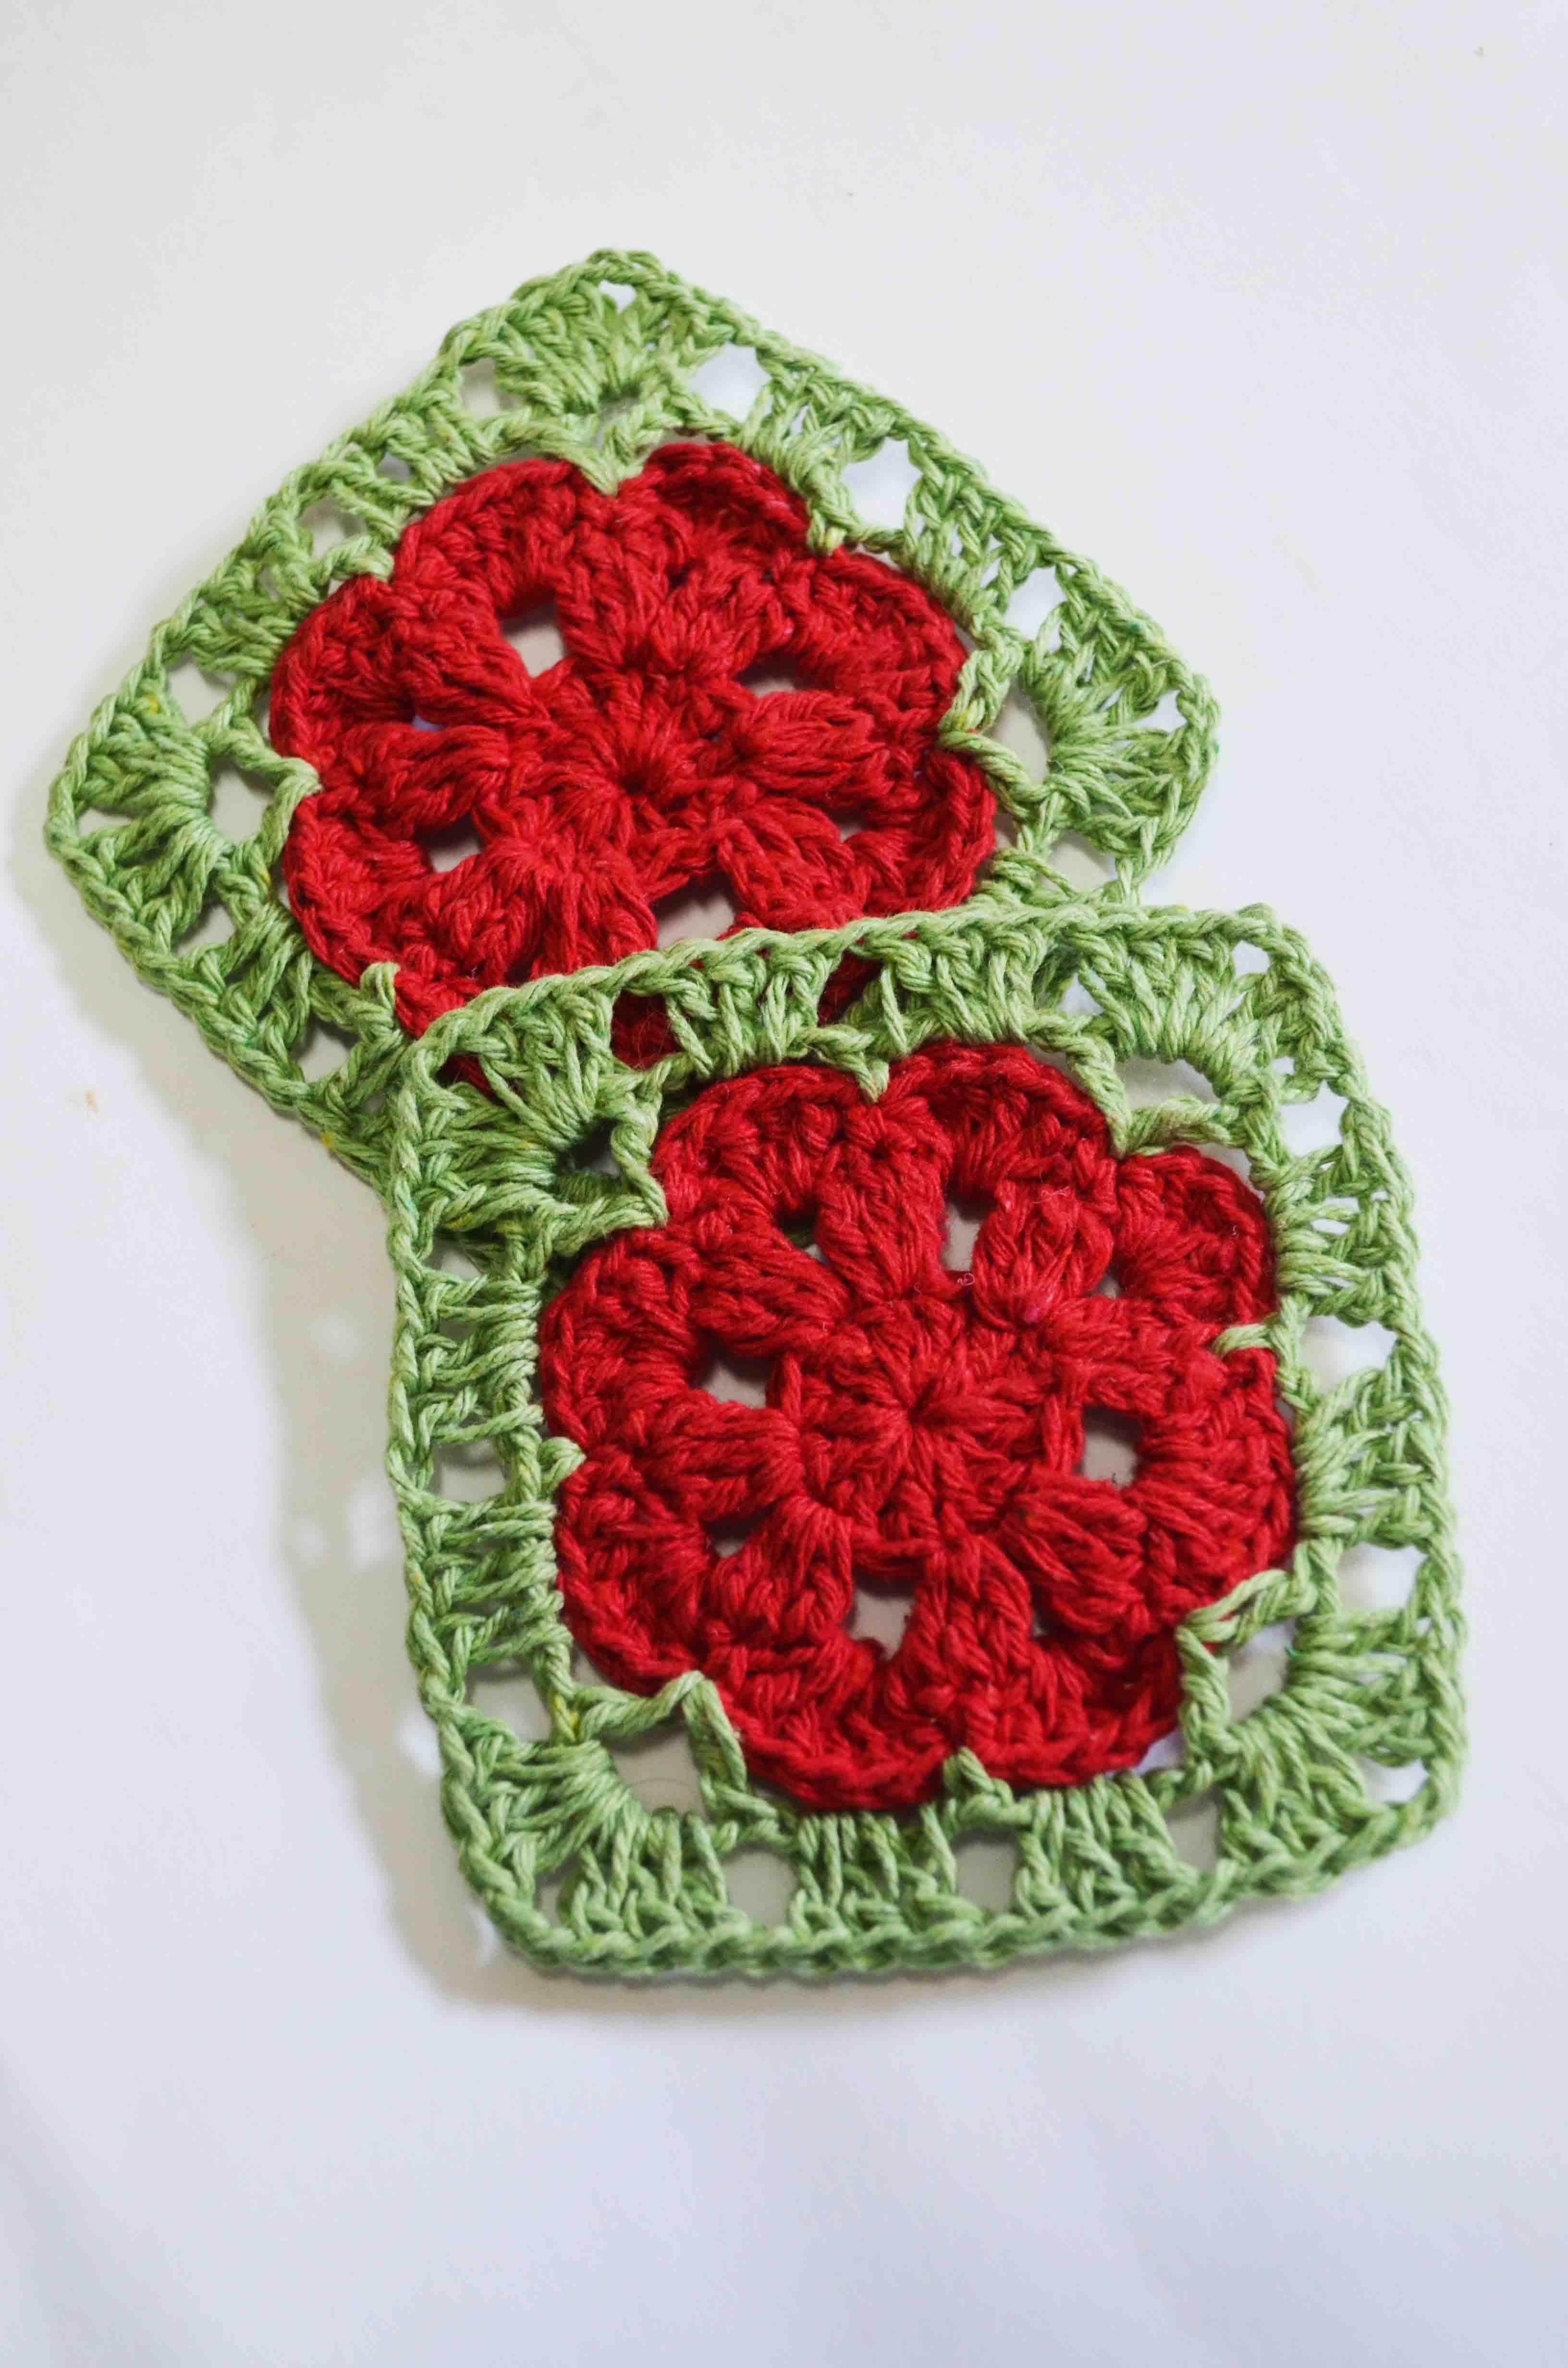 Square De Flor Rasteira Para Tapetes De Croche Ou Passadeiras Diy Flor De Croche Simples Padroes De Flores De Croche Tapete De Croche Simples